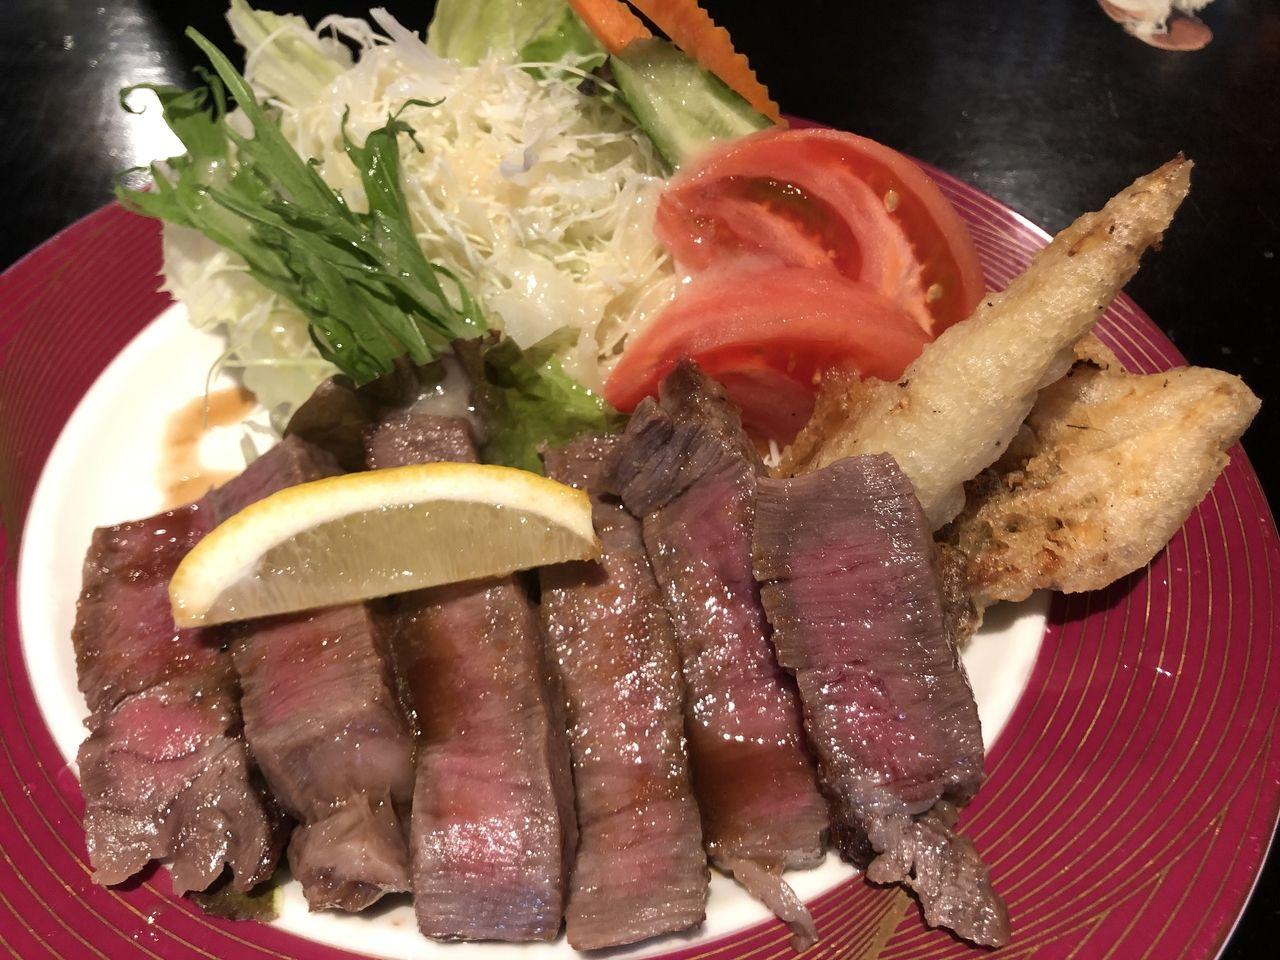 鹿児島市鴨池新町の花の木 ステーキ専門店 サーロインステーキ